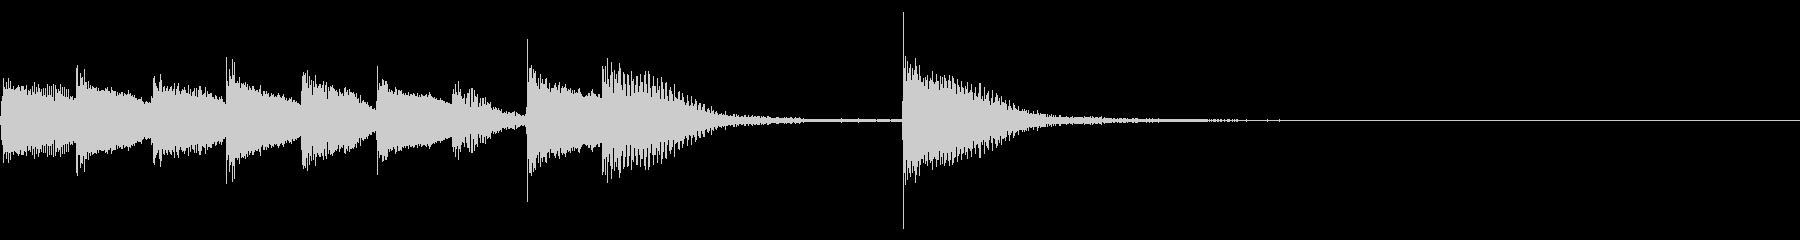 ピアノジングル 幼児向けアニメ系C-01の未再生の波形